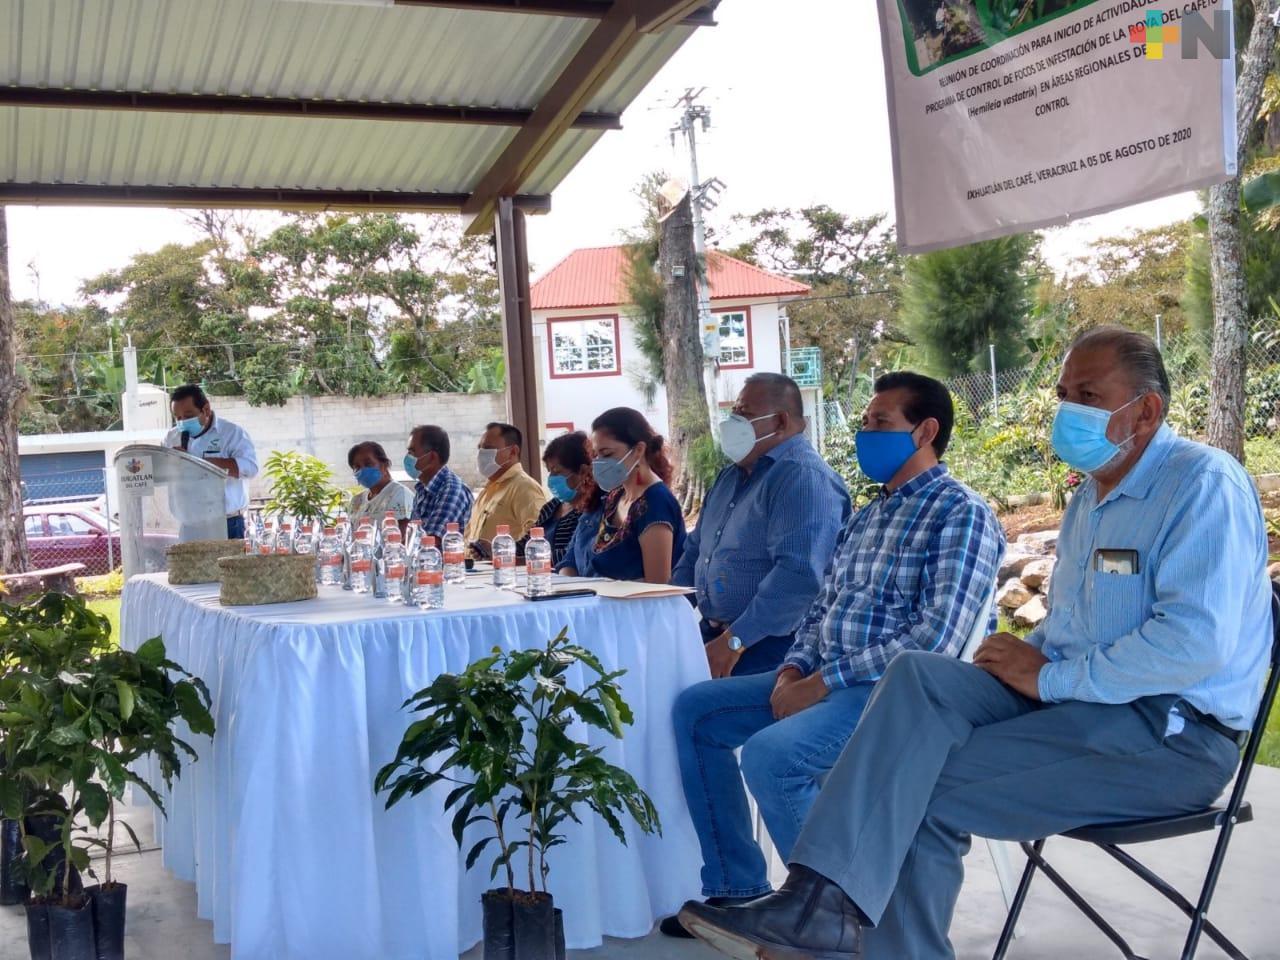 Productores de café reciben insumos para abatir plagas